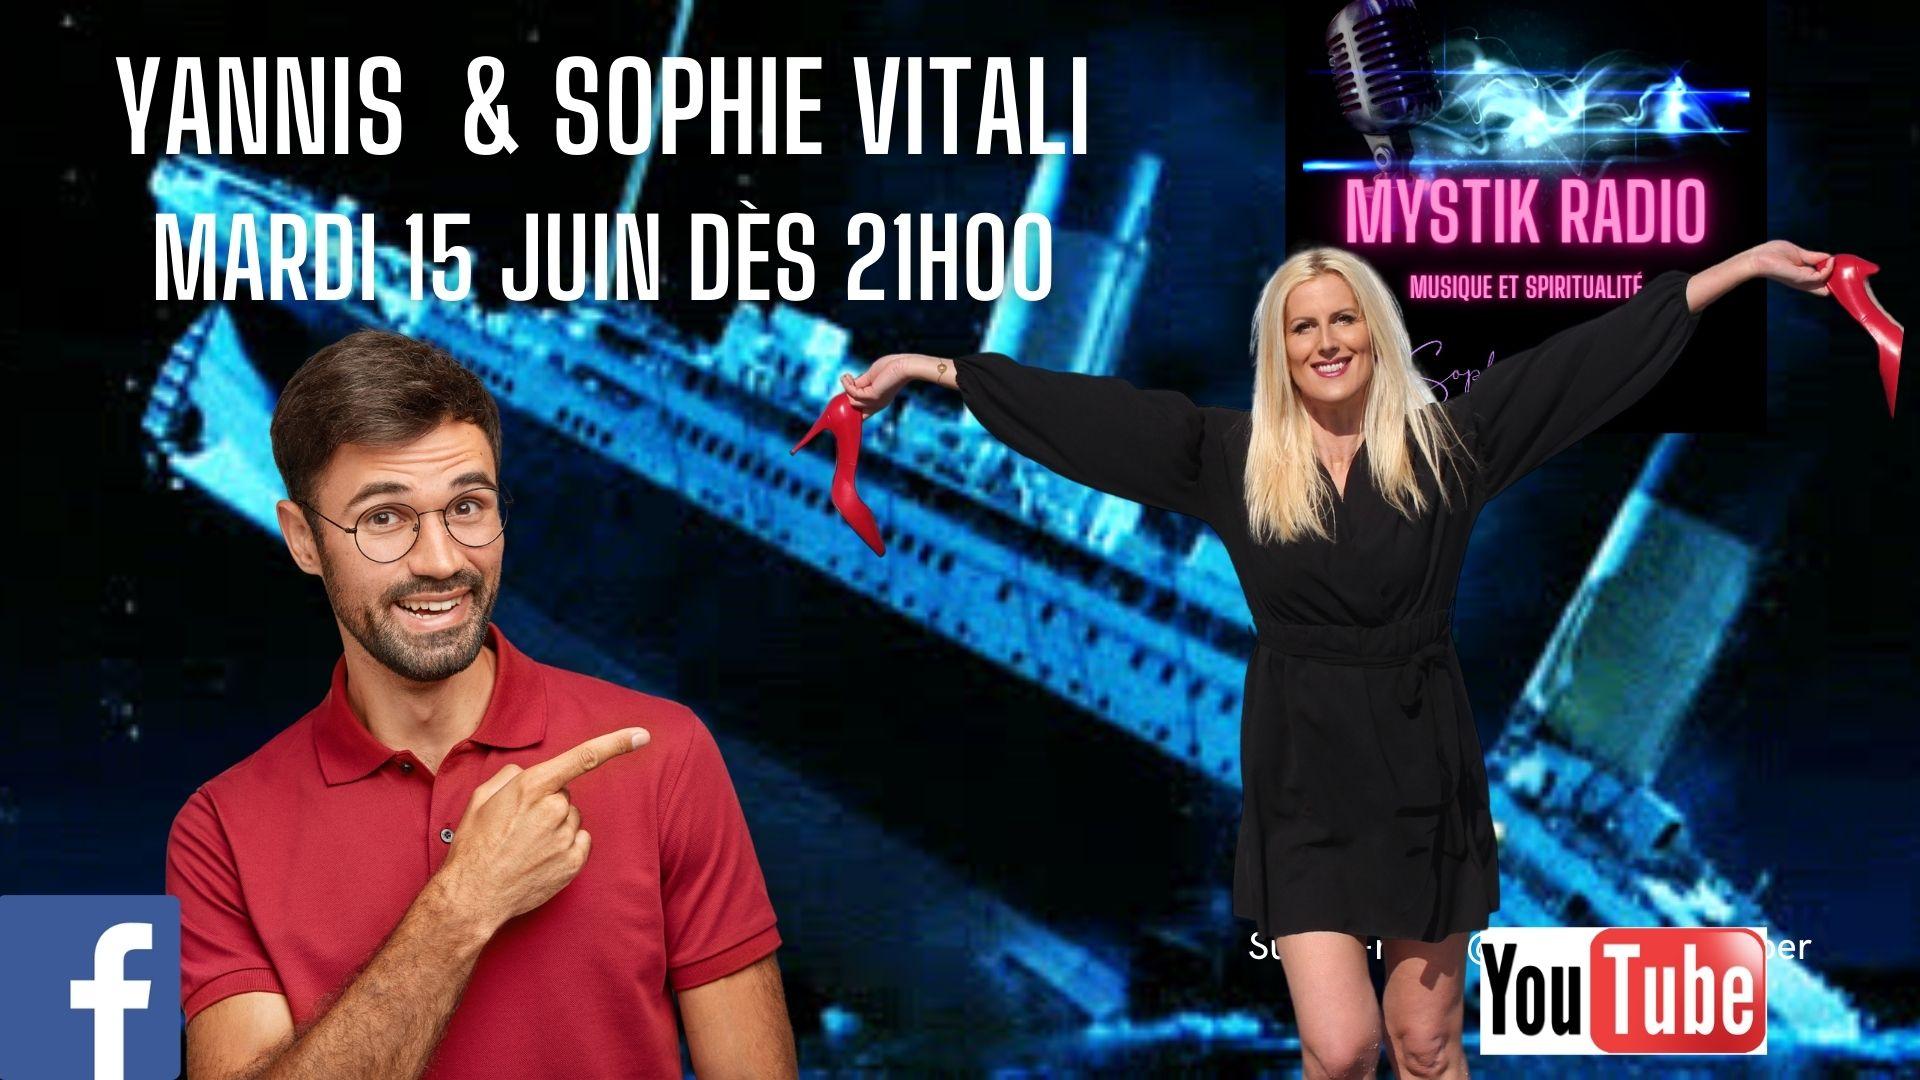 Sophie Vitali & Yannis répondent à vos questions en direct et gratuitement pendant le live voyance gratuite par téléphone le mardi 15 juin 2021